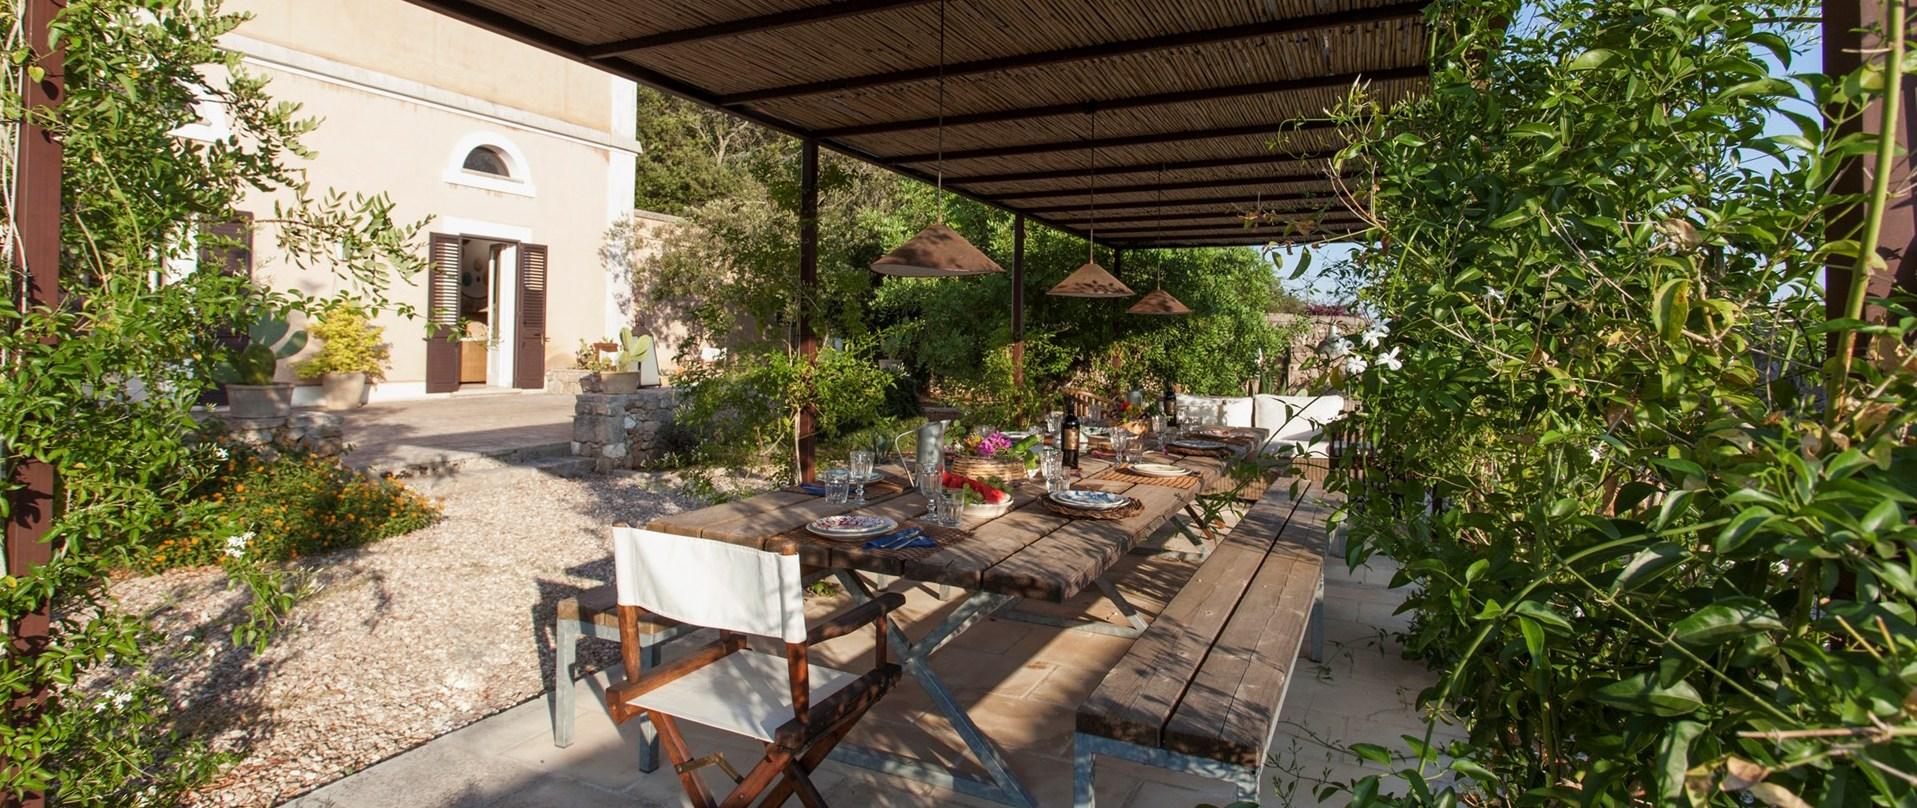 villa-puglia-al-fresco-dining